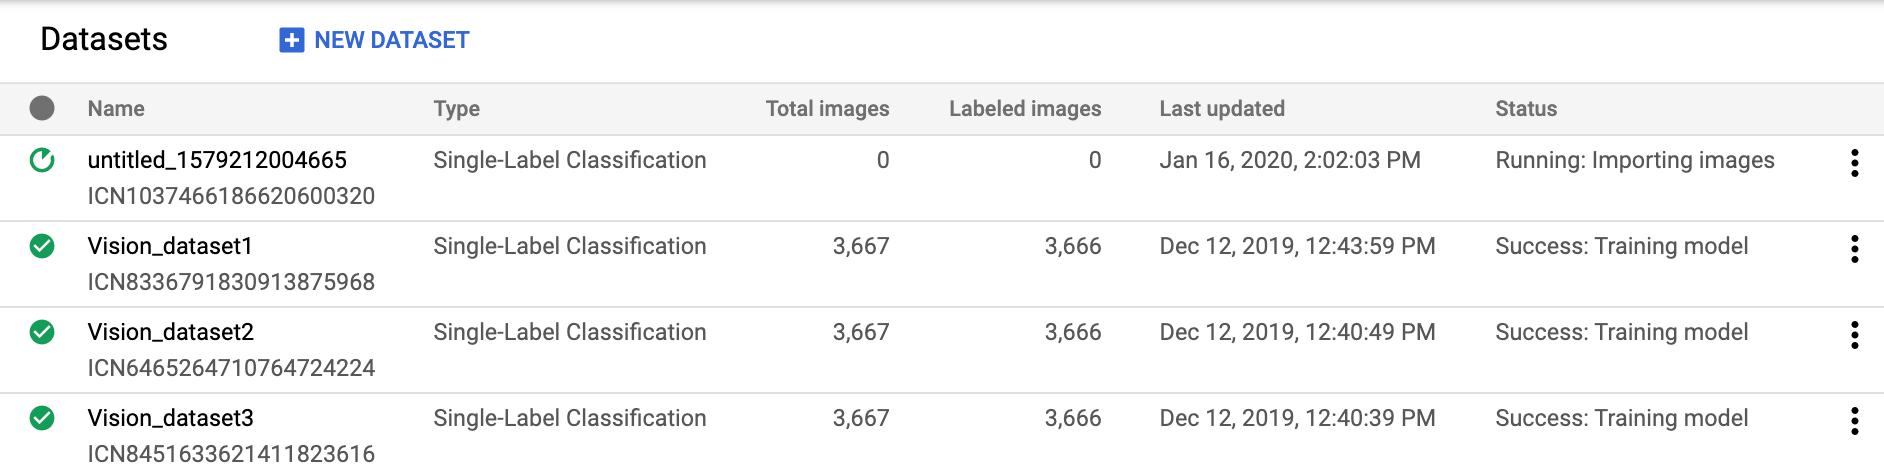 Página de la lista de conjuntos de datos